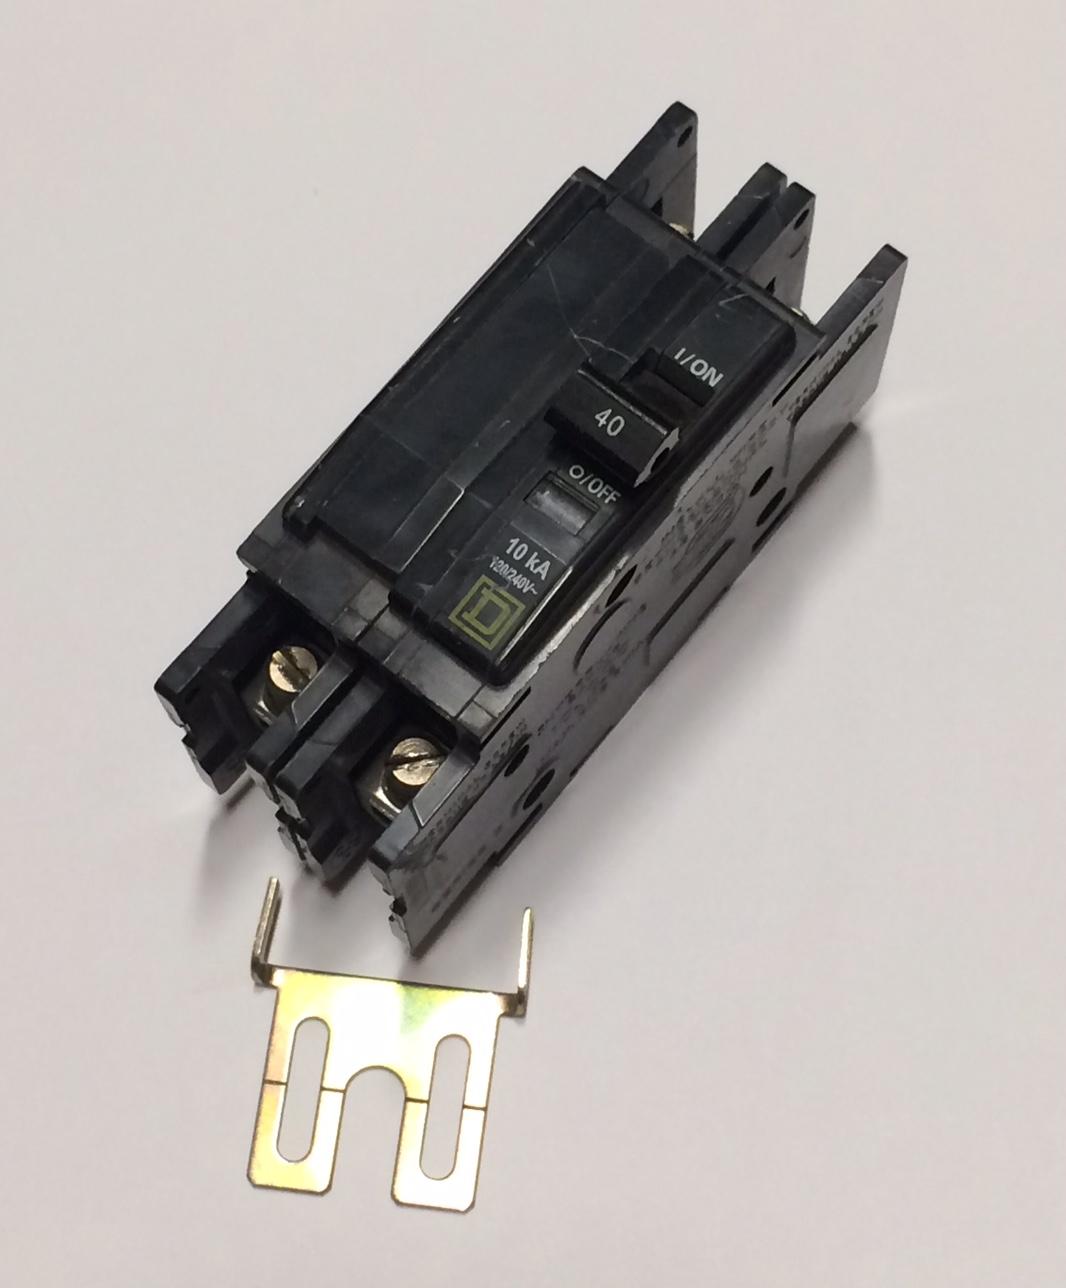 240V 40 Amp Circuit Breaker